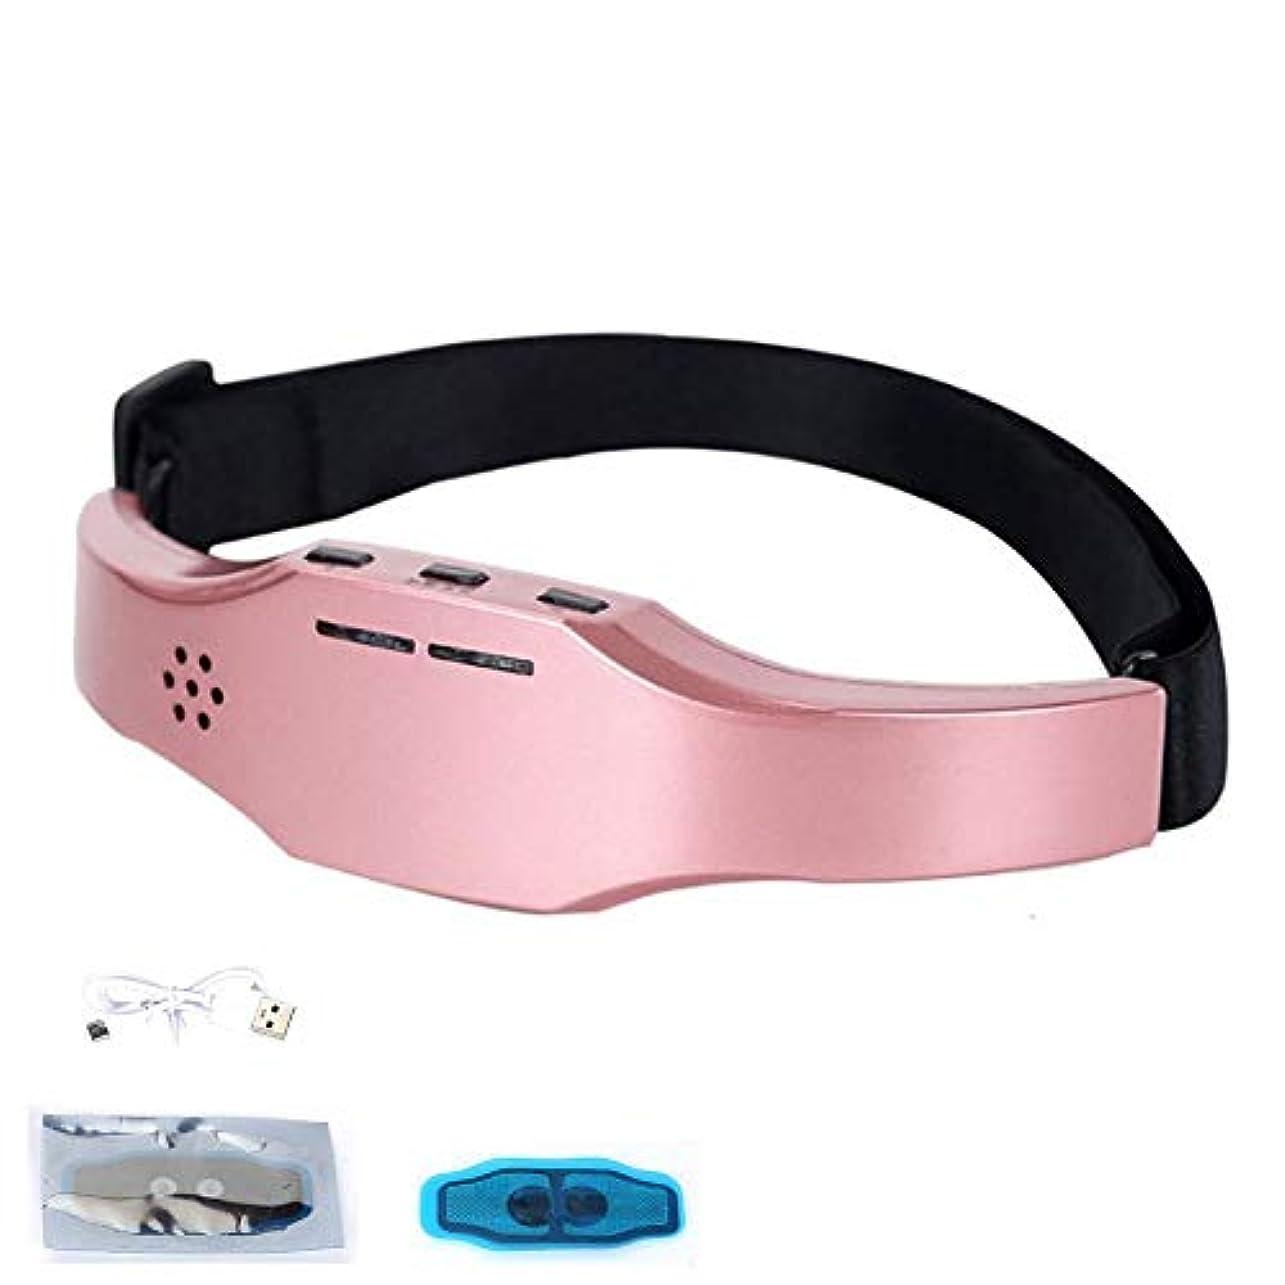 エゴマニア知覚する走る2019最新改良版 ヘッドマッサージャー ヘッドマッサージ器 疲れやストレス緩和 USB充電 静音 携帯便利 小型 家庭用 携帯便利 副作用なし 不眠症改善 偏頭痛緩和